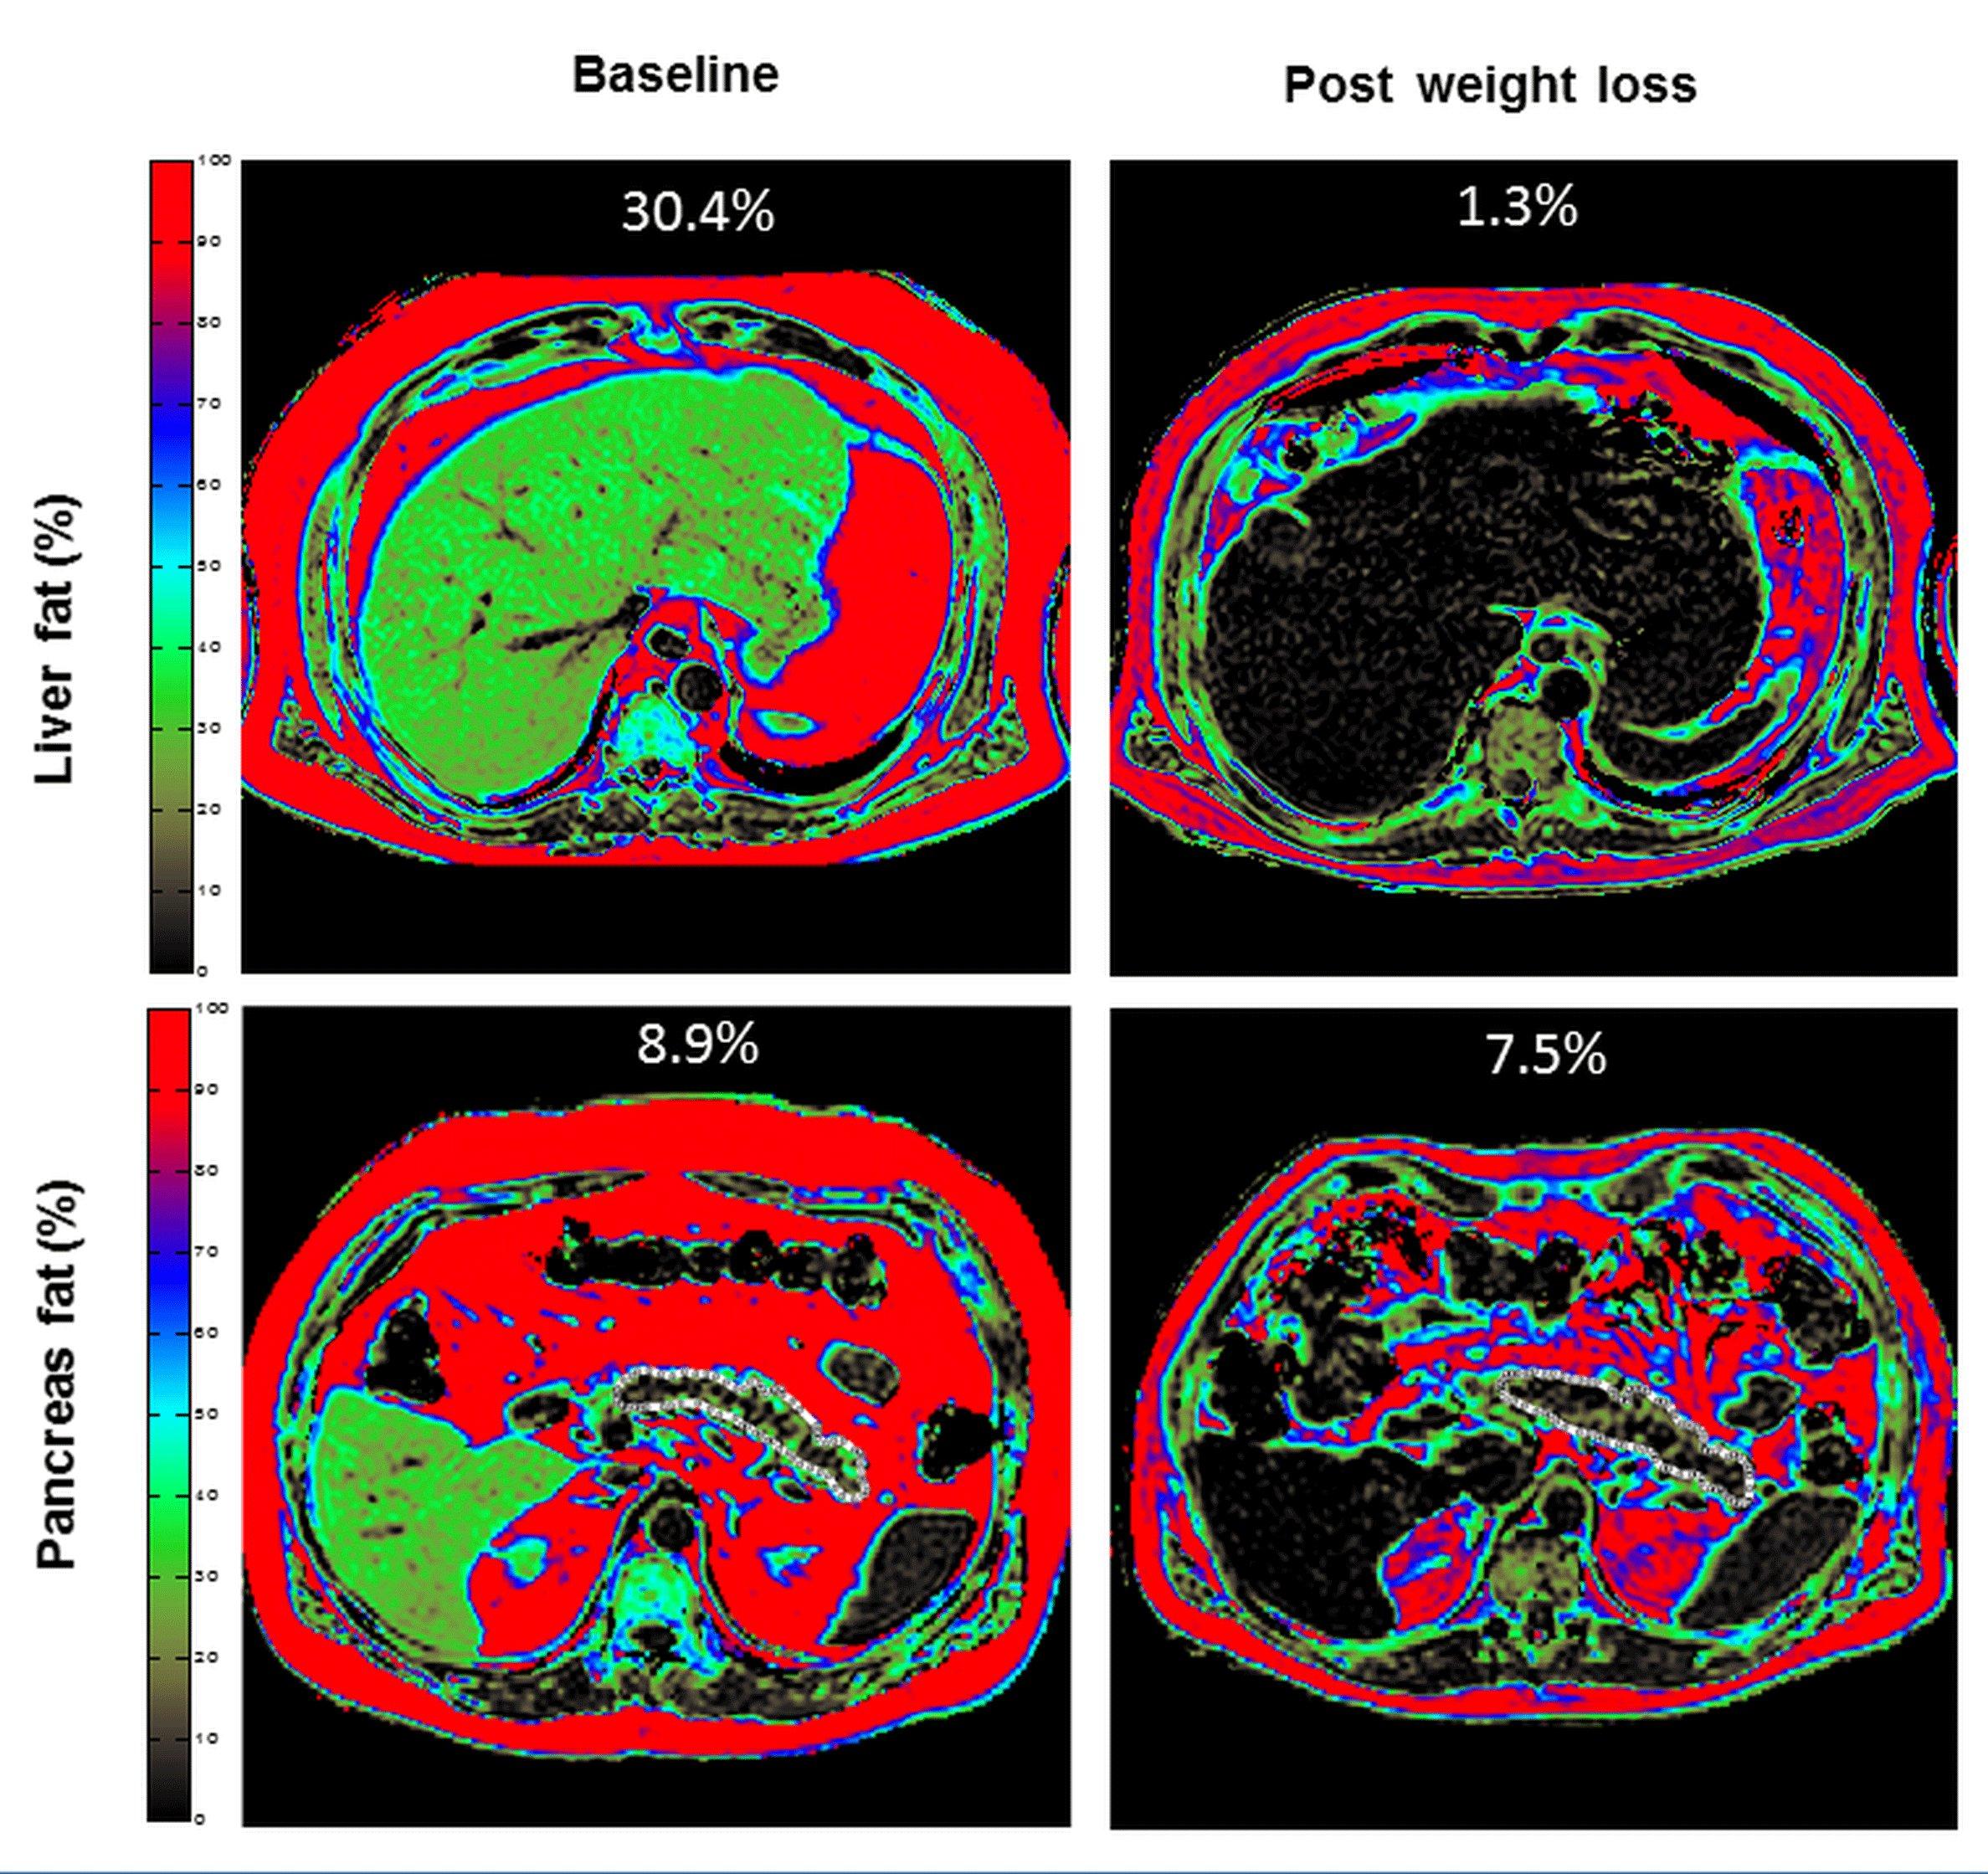 rapida perdita di peso e malattia del fegato